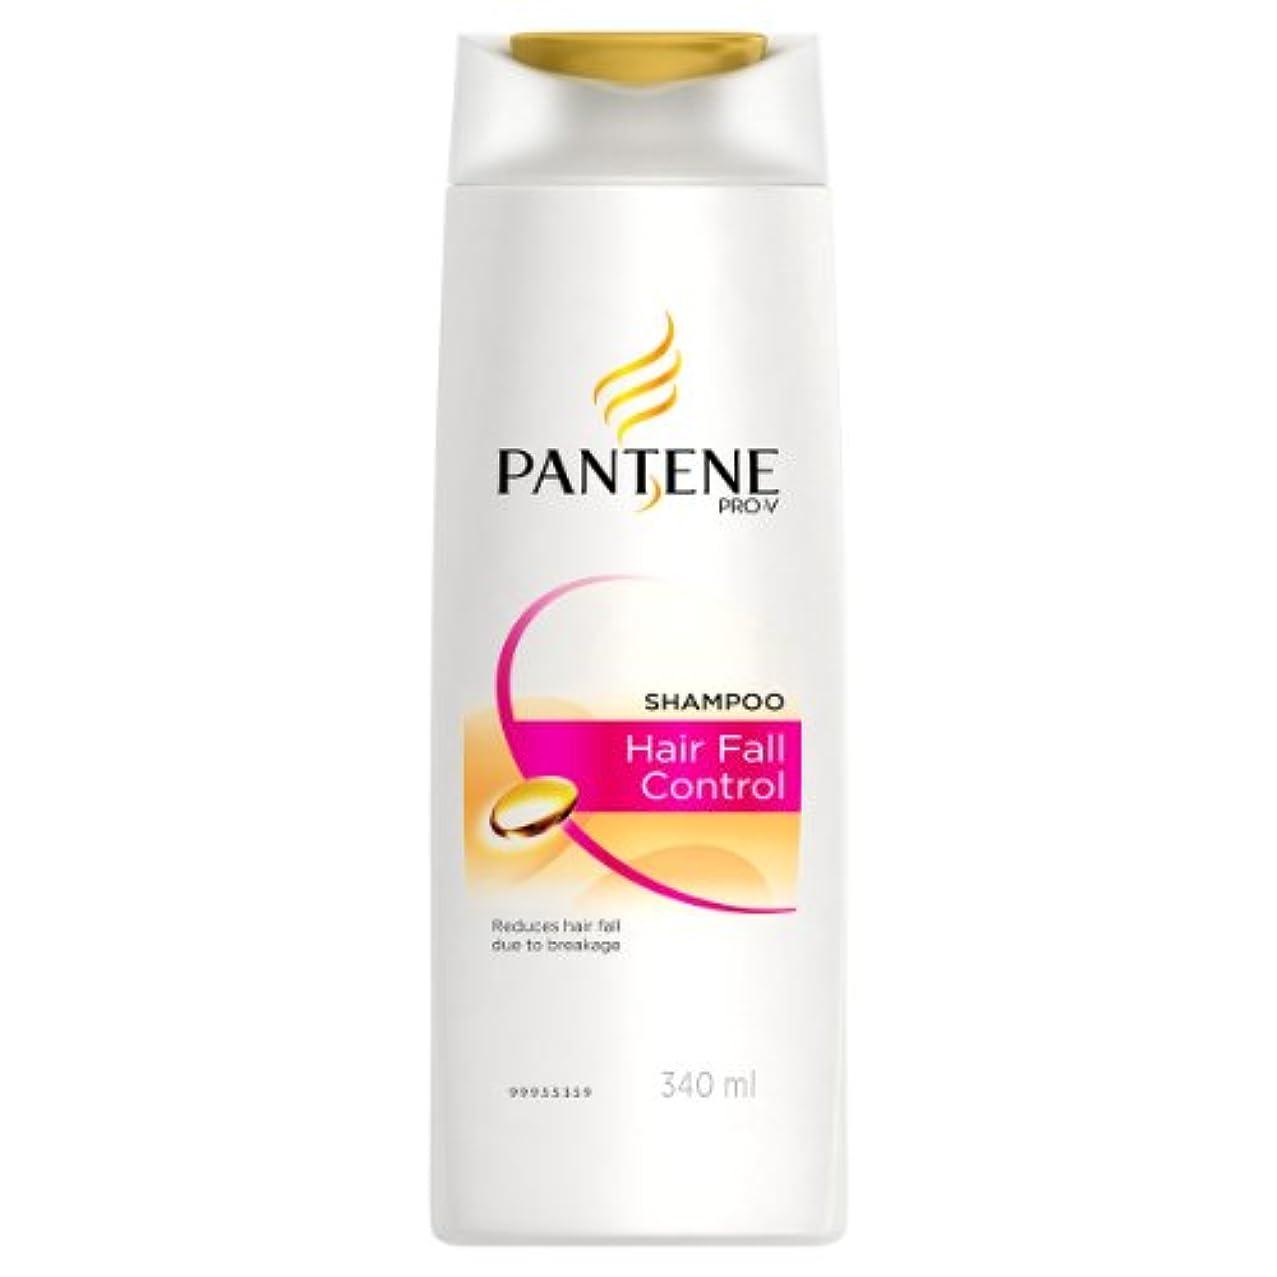 近く拮抗するかすれたPANTENE Hair Fall control SHAMPOO 340 ml (PANTENEヘアフォールコントロールシャンプー340ml)